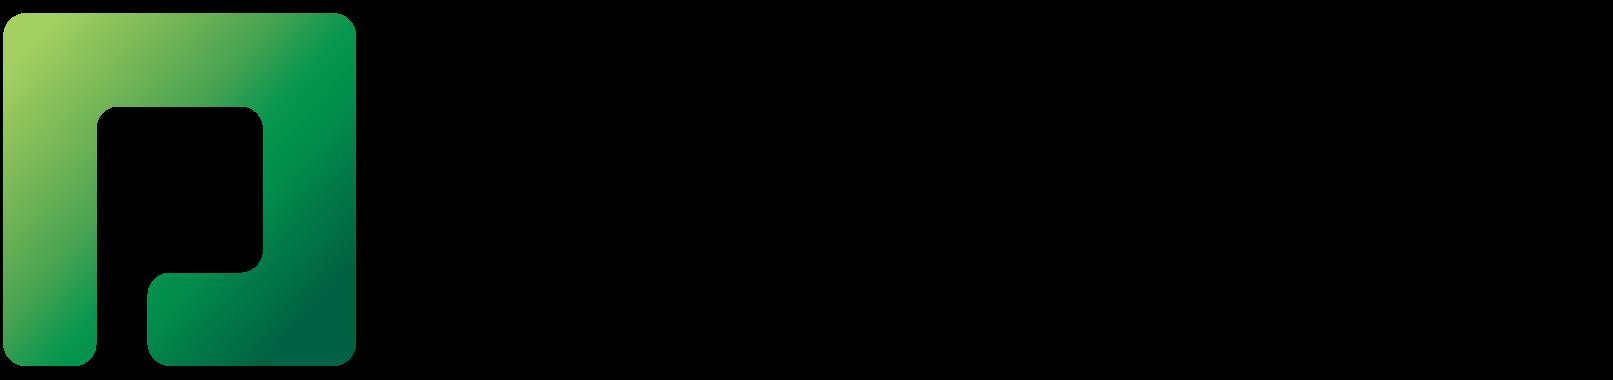 Paycom Software, Inc. logo